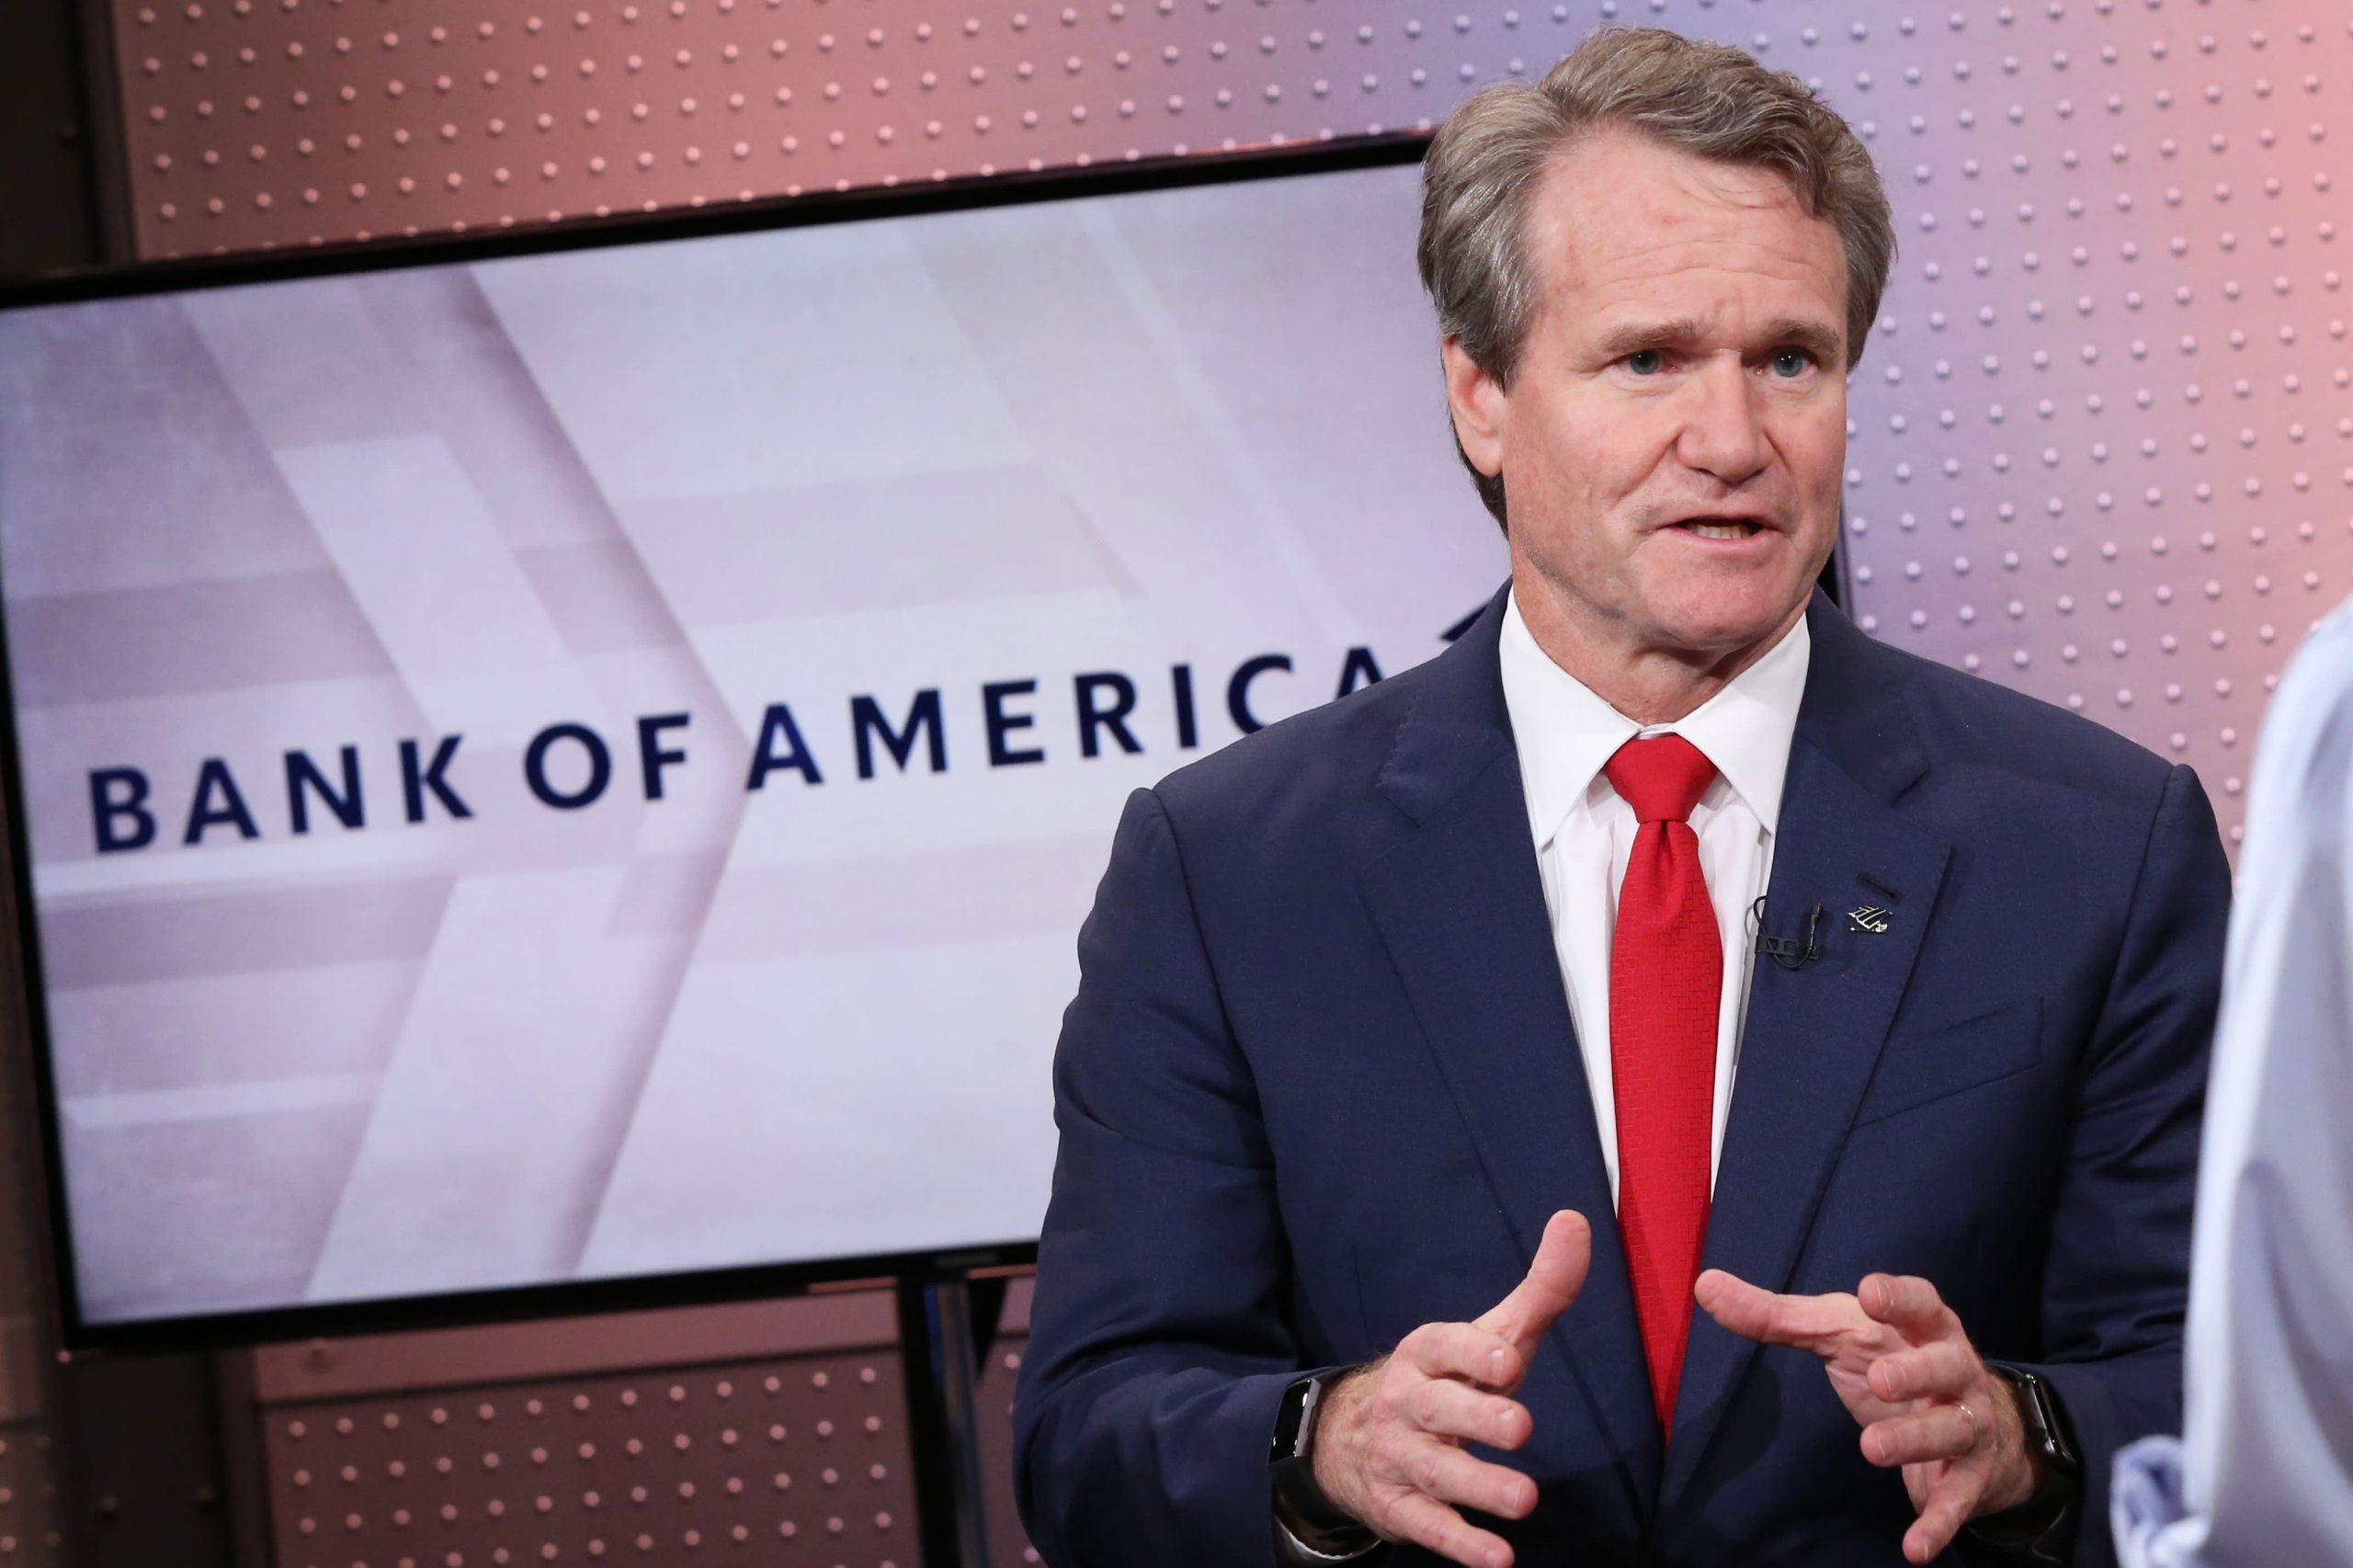 El CEO de Bank of America, Brian Moynihan, dice que el gasto de los consumidores es un 20% más alto este año que en 2019